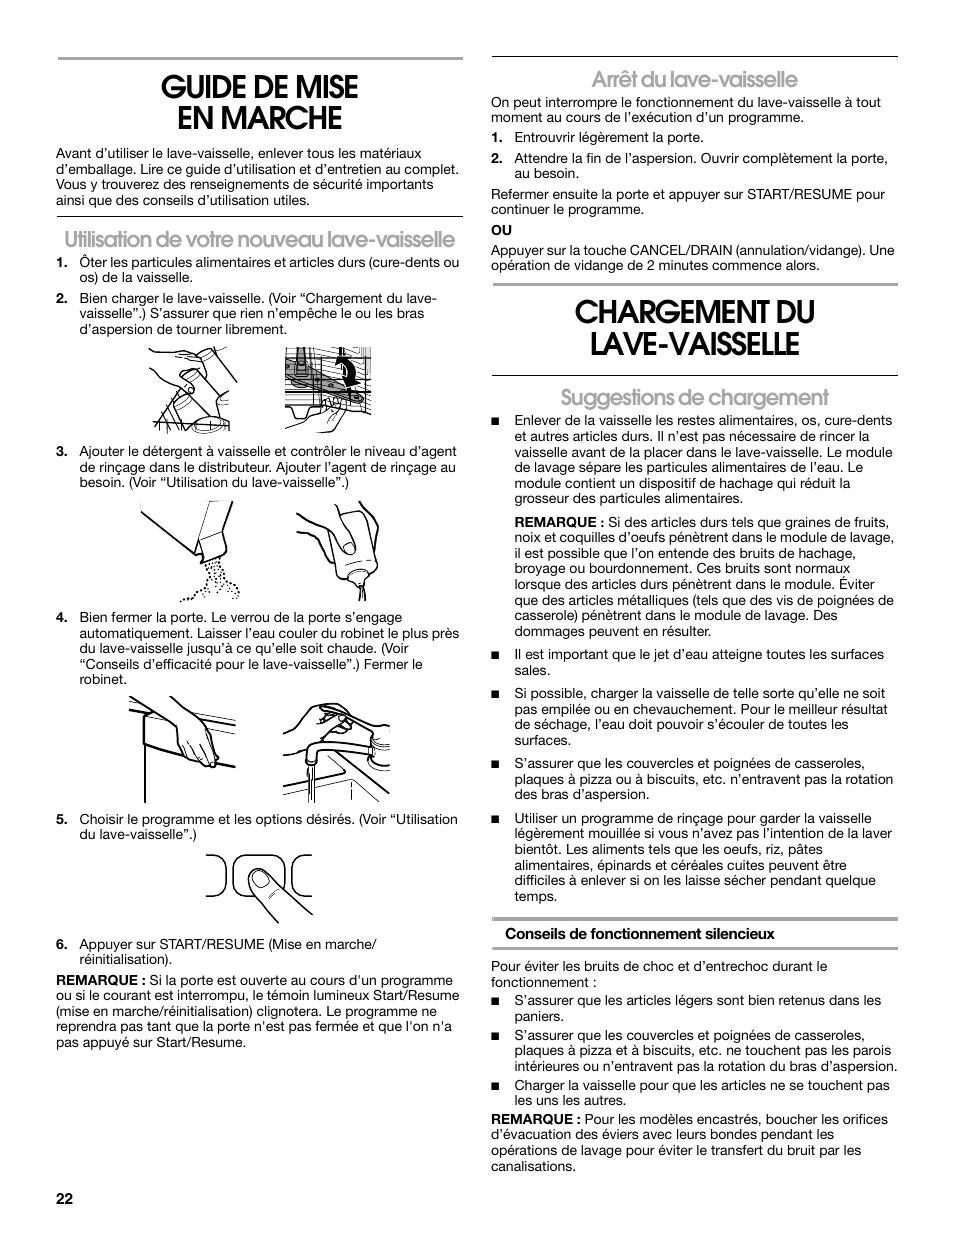 Guide De Mise En Marche Chargement Du Lave Vaisselle Utilisation